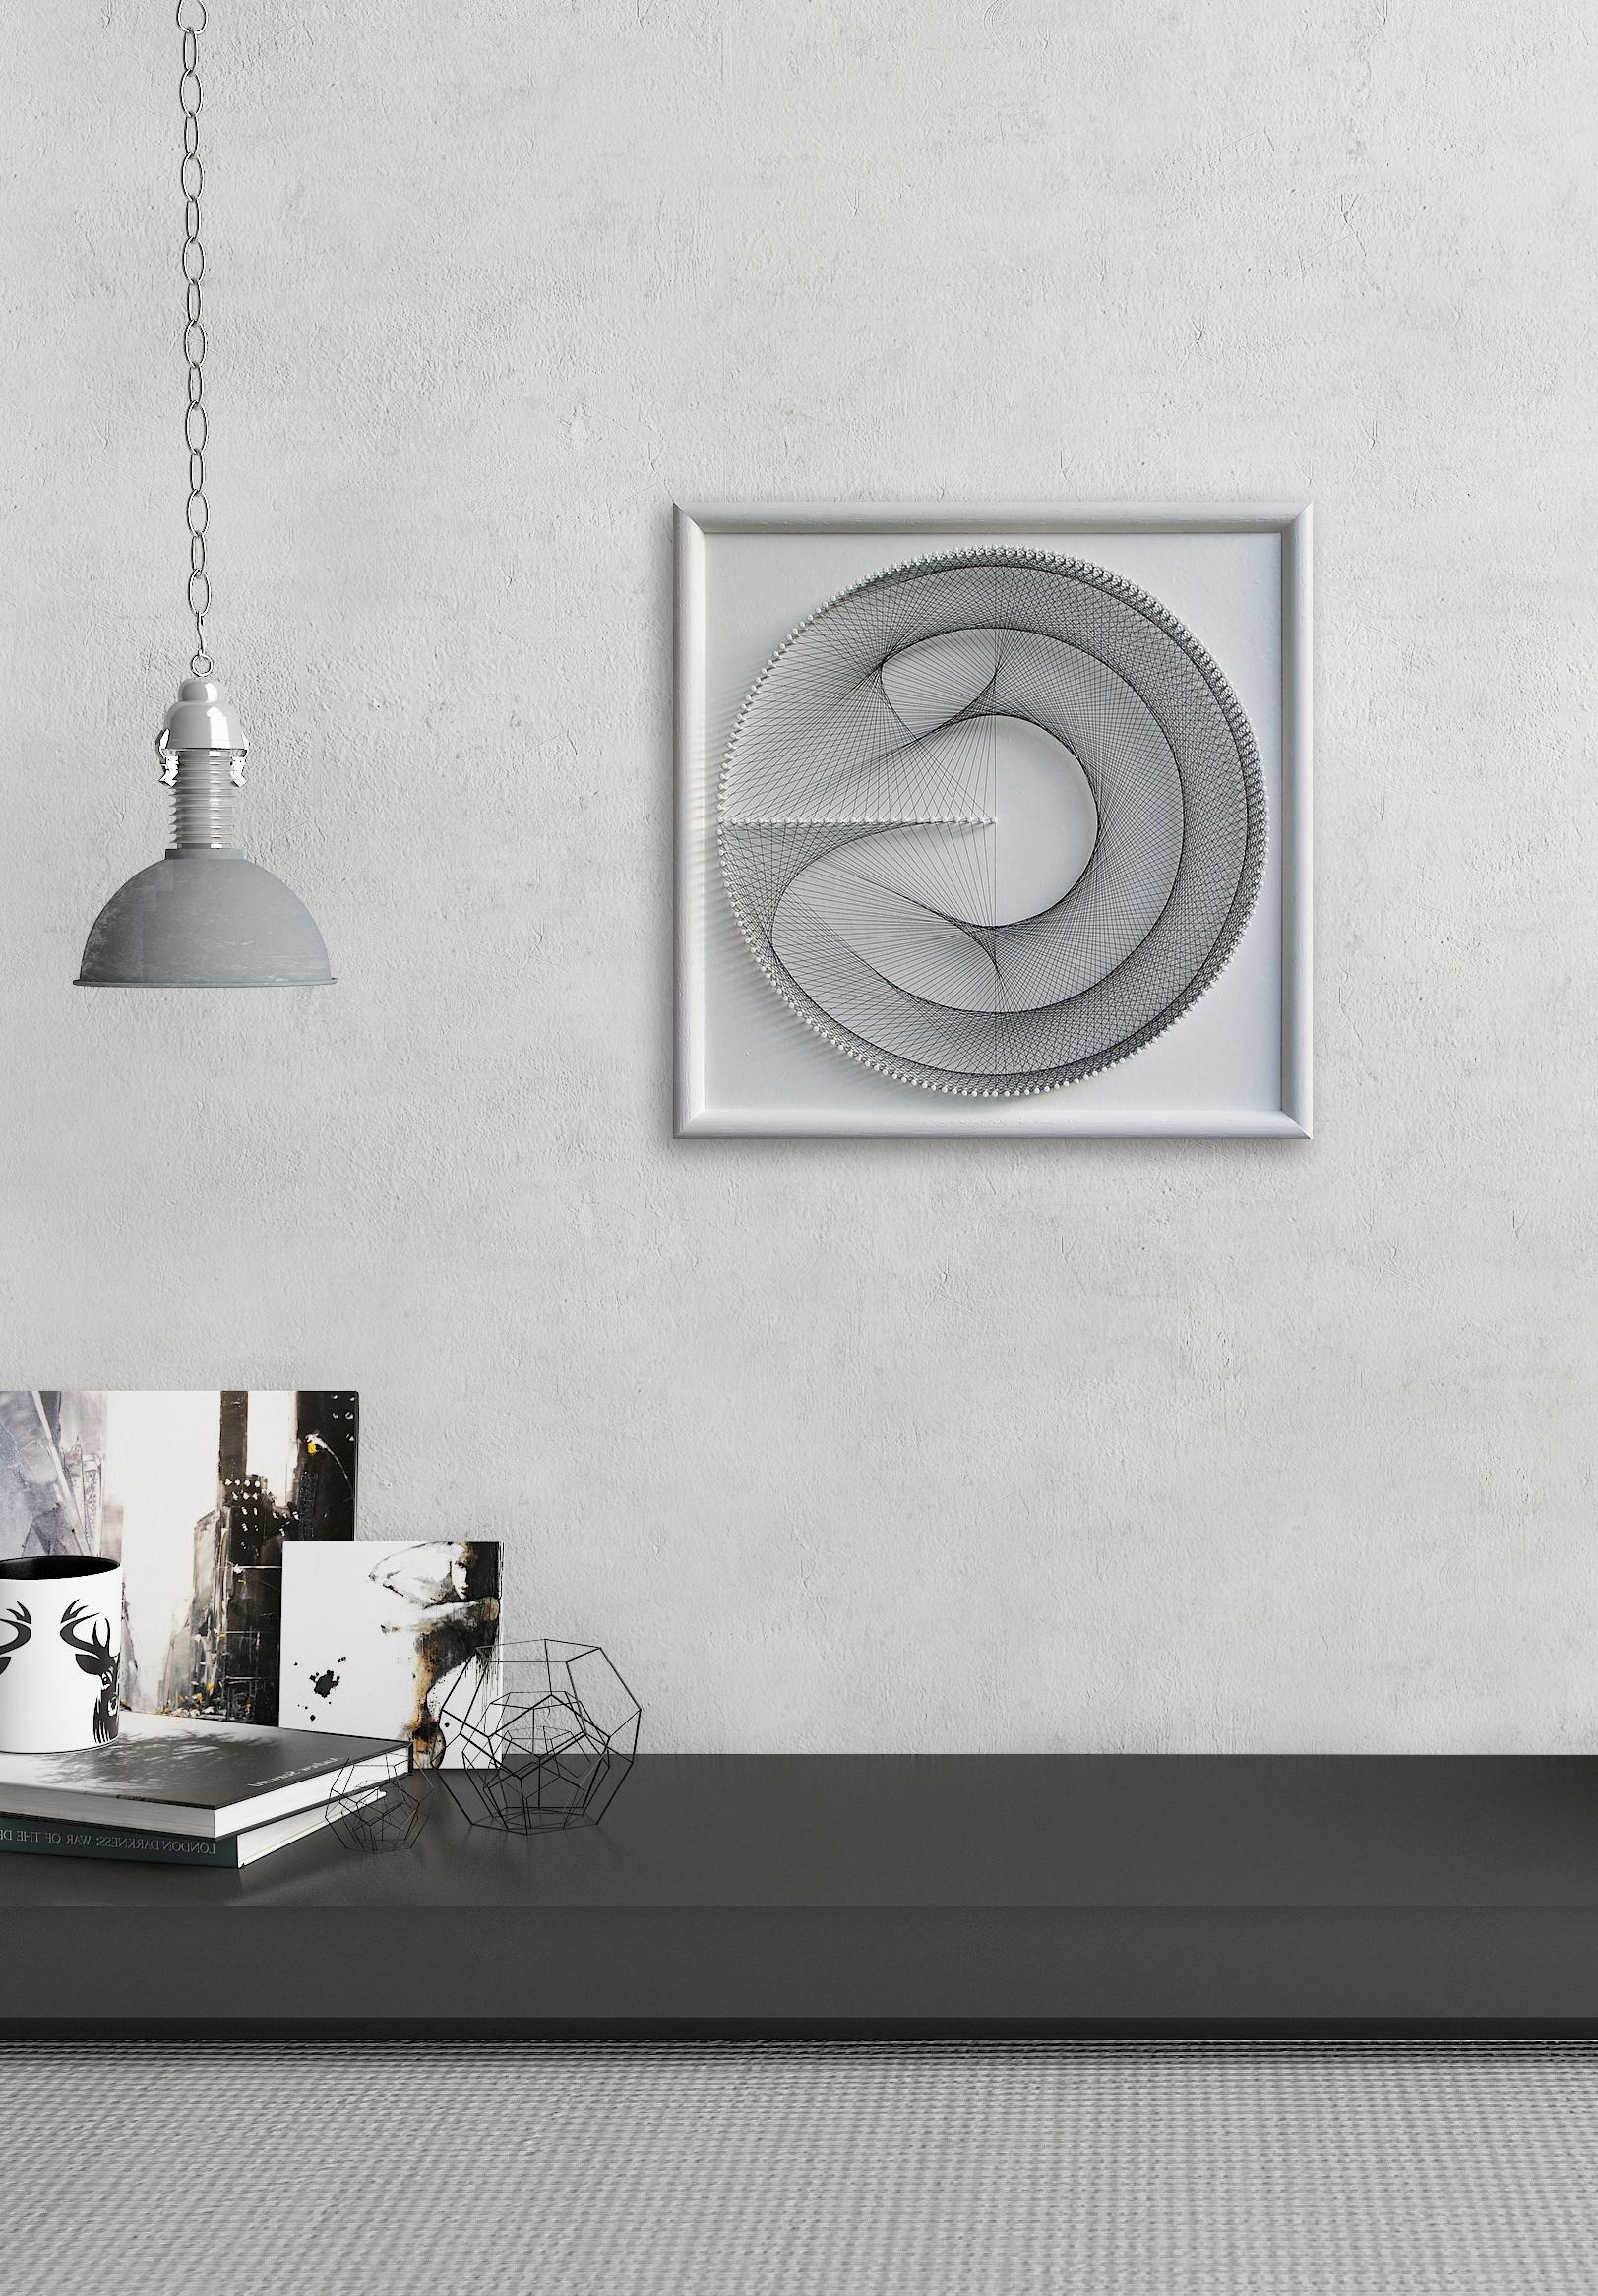 Trendy Elegant Geometric String Art – Gift For Her – White Wall Art Zen Inside White Wall Art (View 13 of 15)